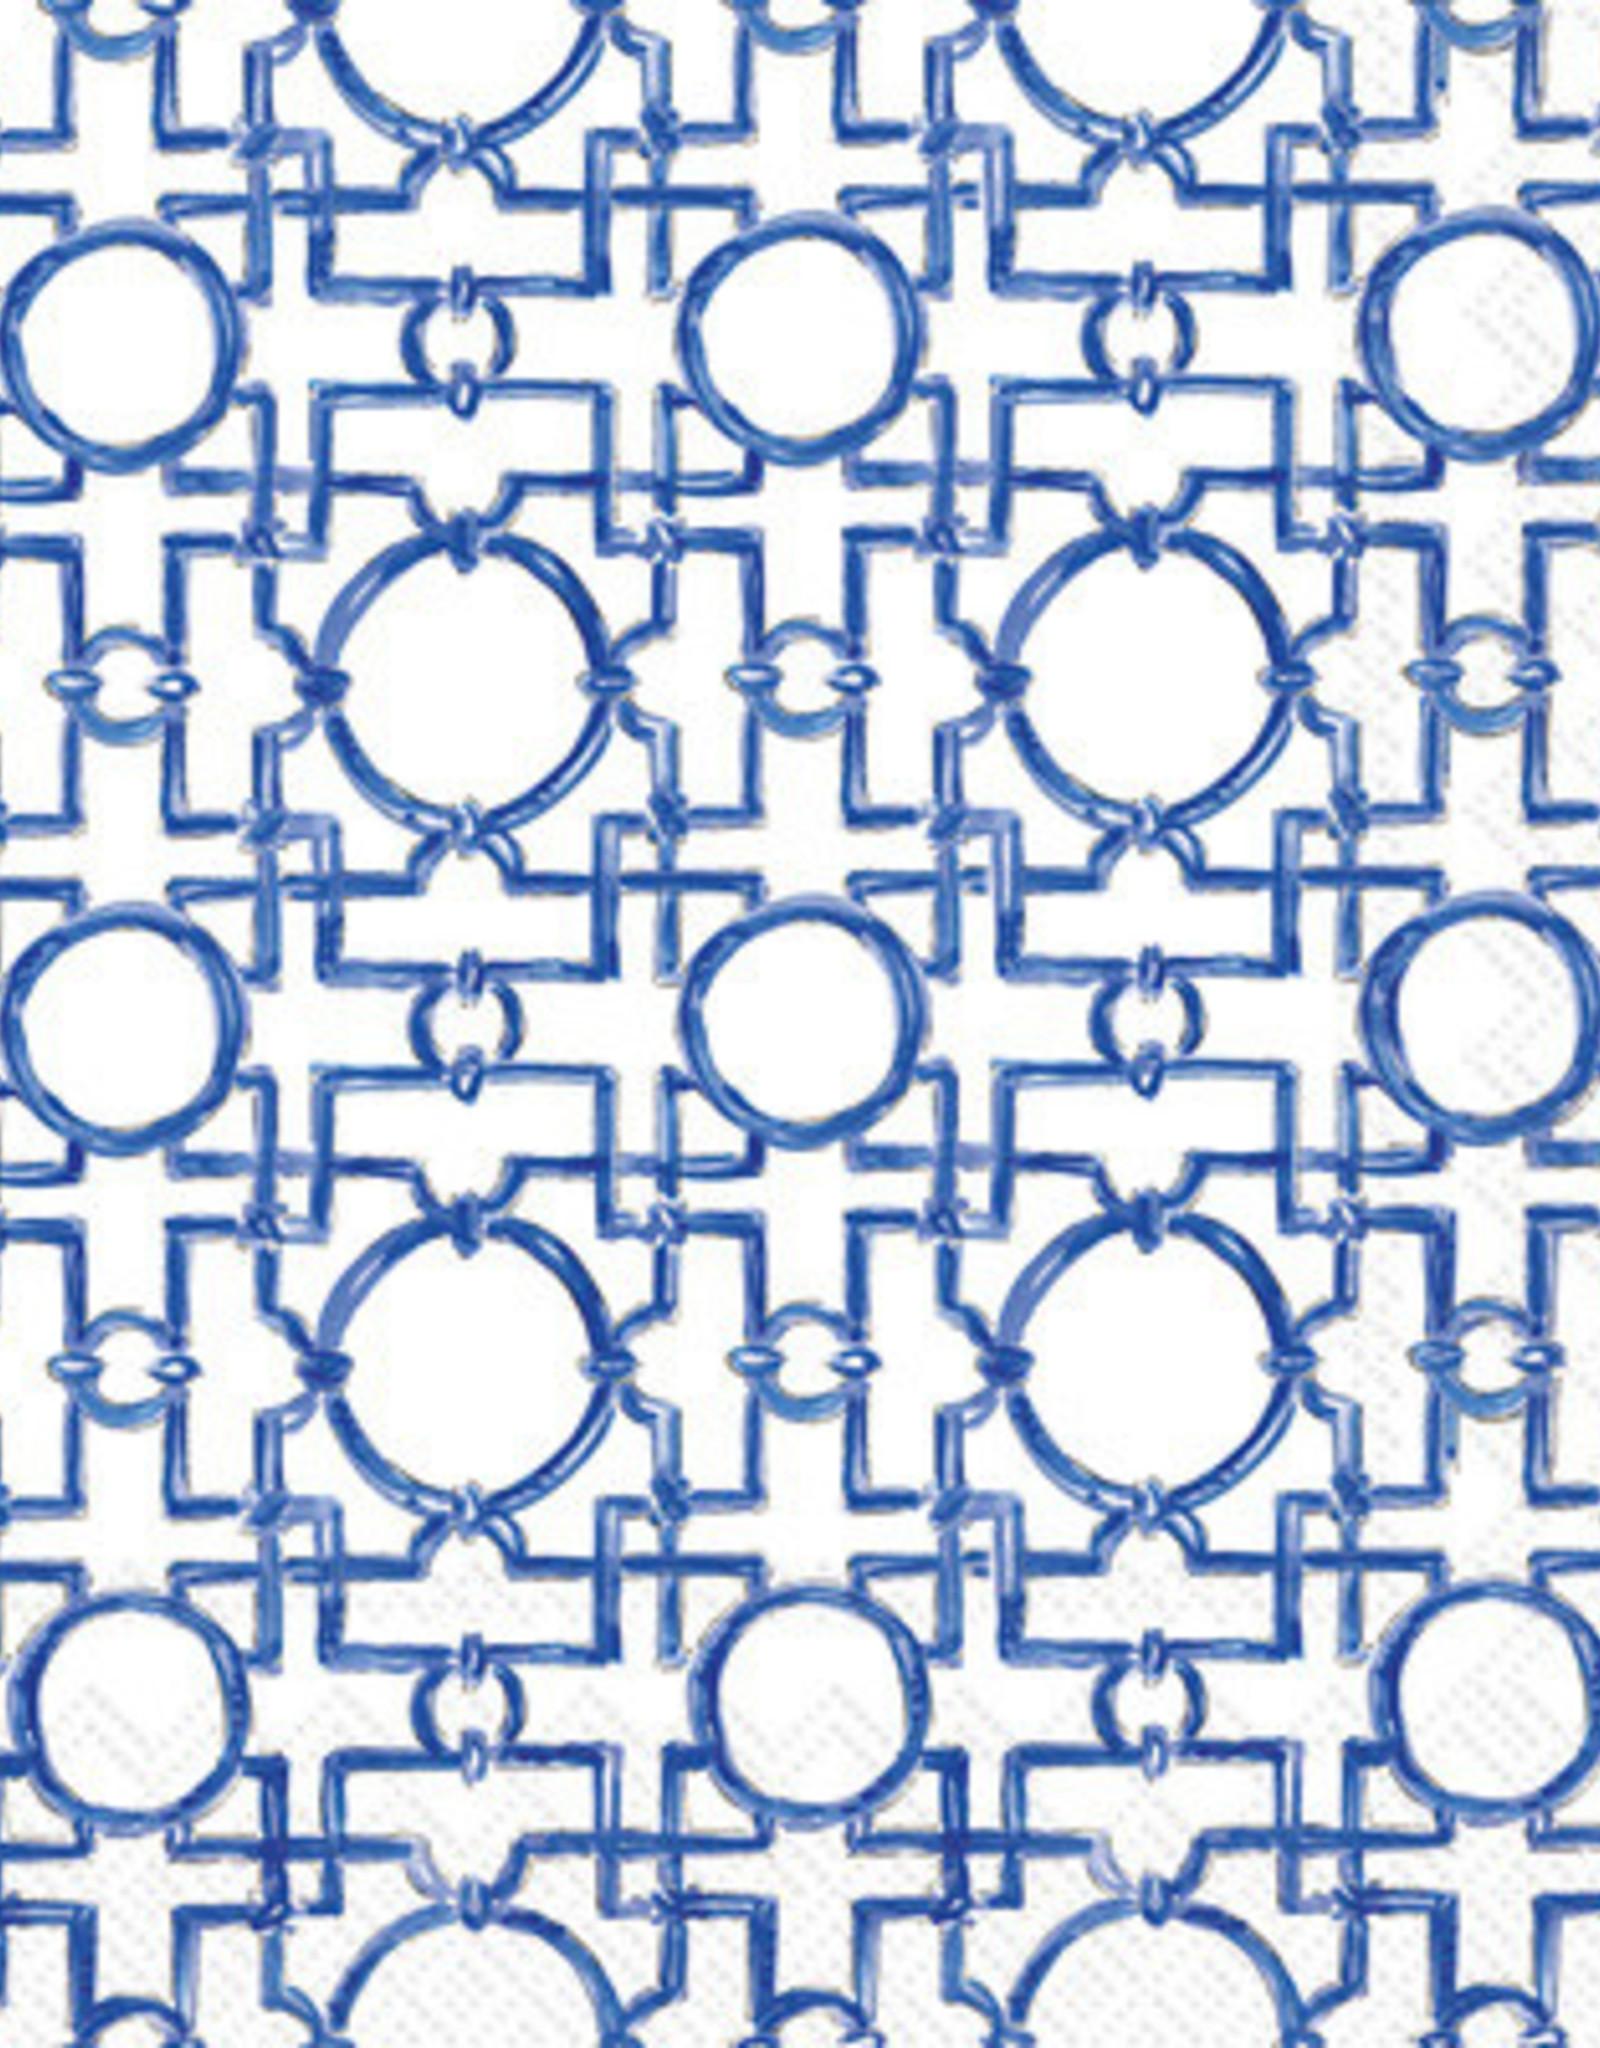 IHR Boston International Cocktail Napkin- Aiko Blue